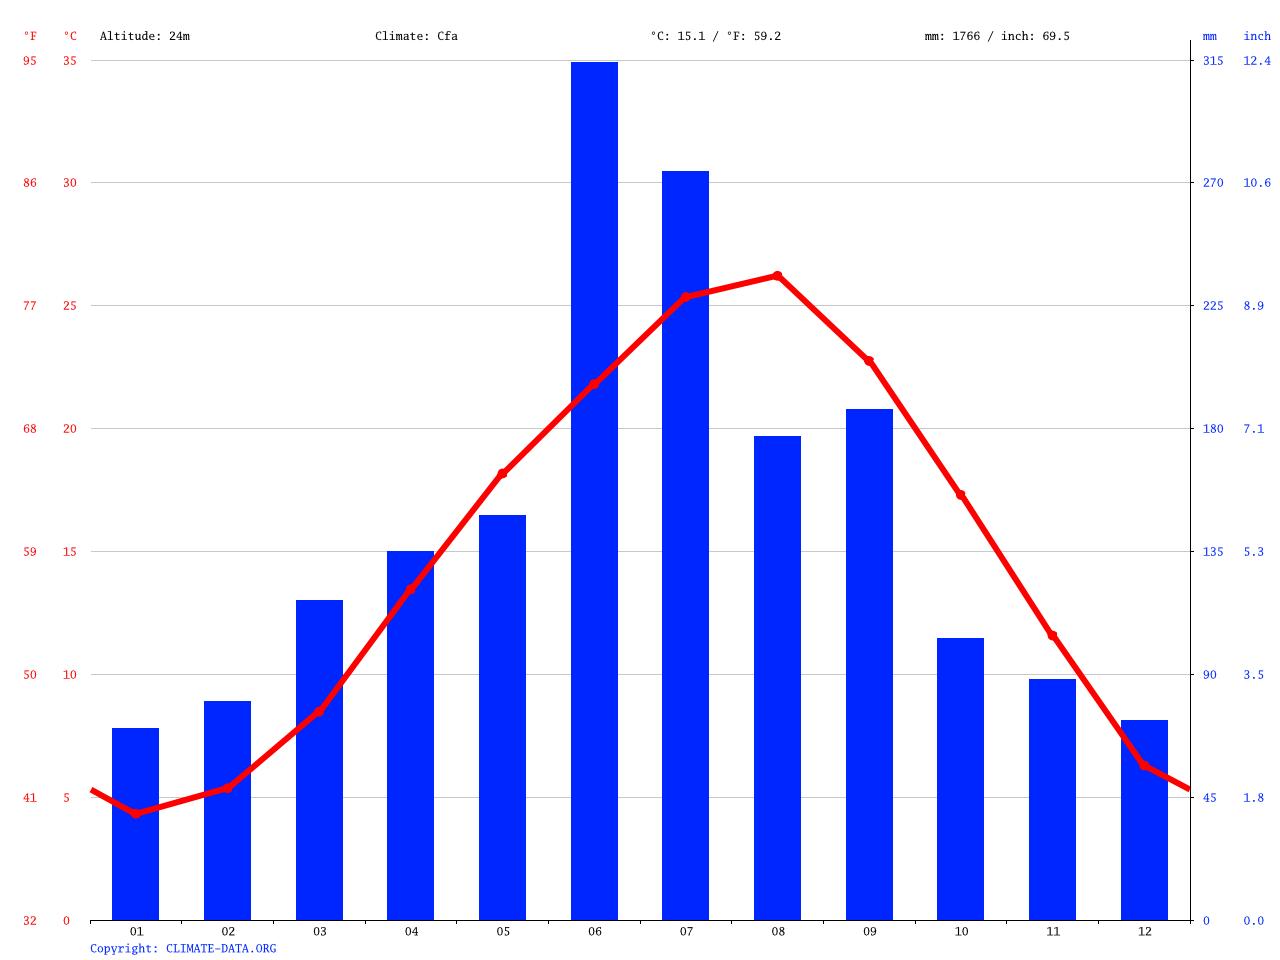 気候:鳥栖市-気候グラフ、気温グラフ、雨温図 - Climate-Data.org